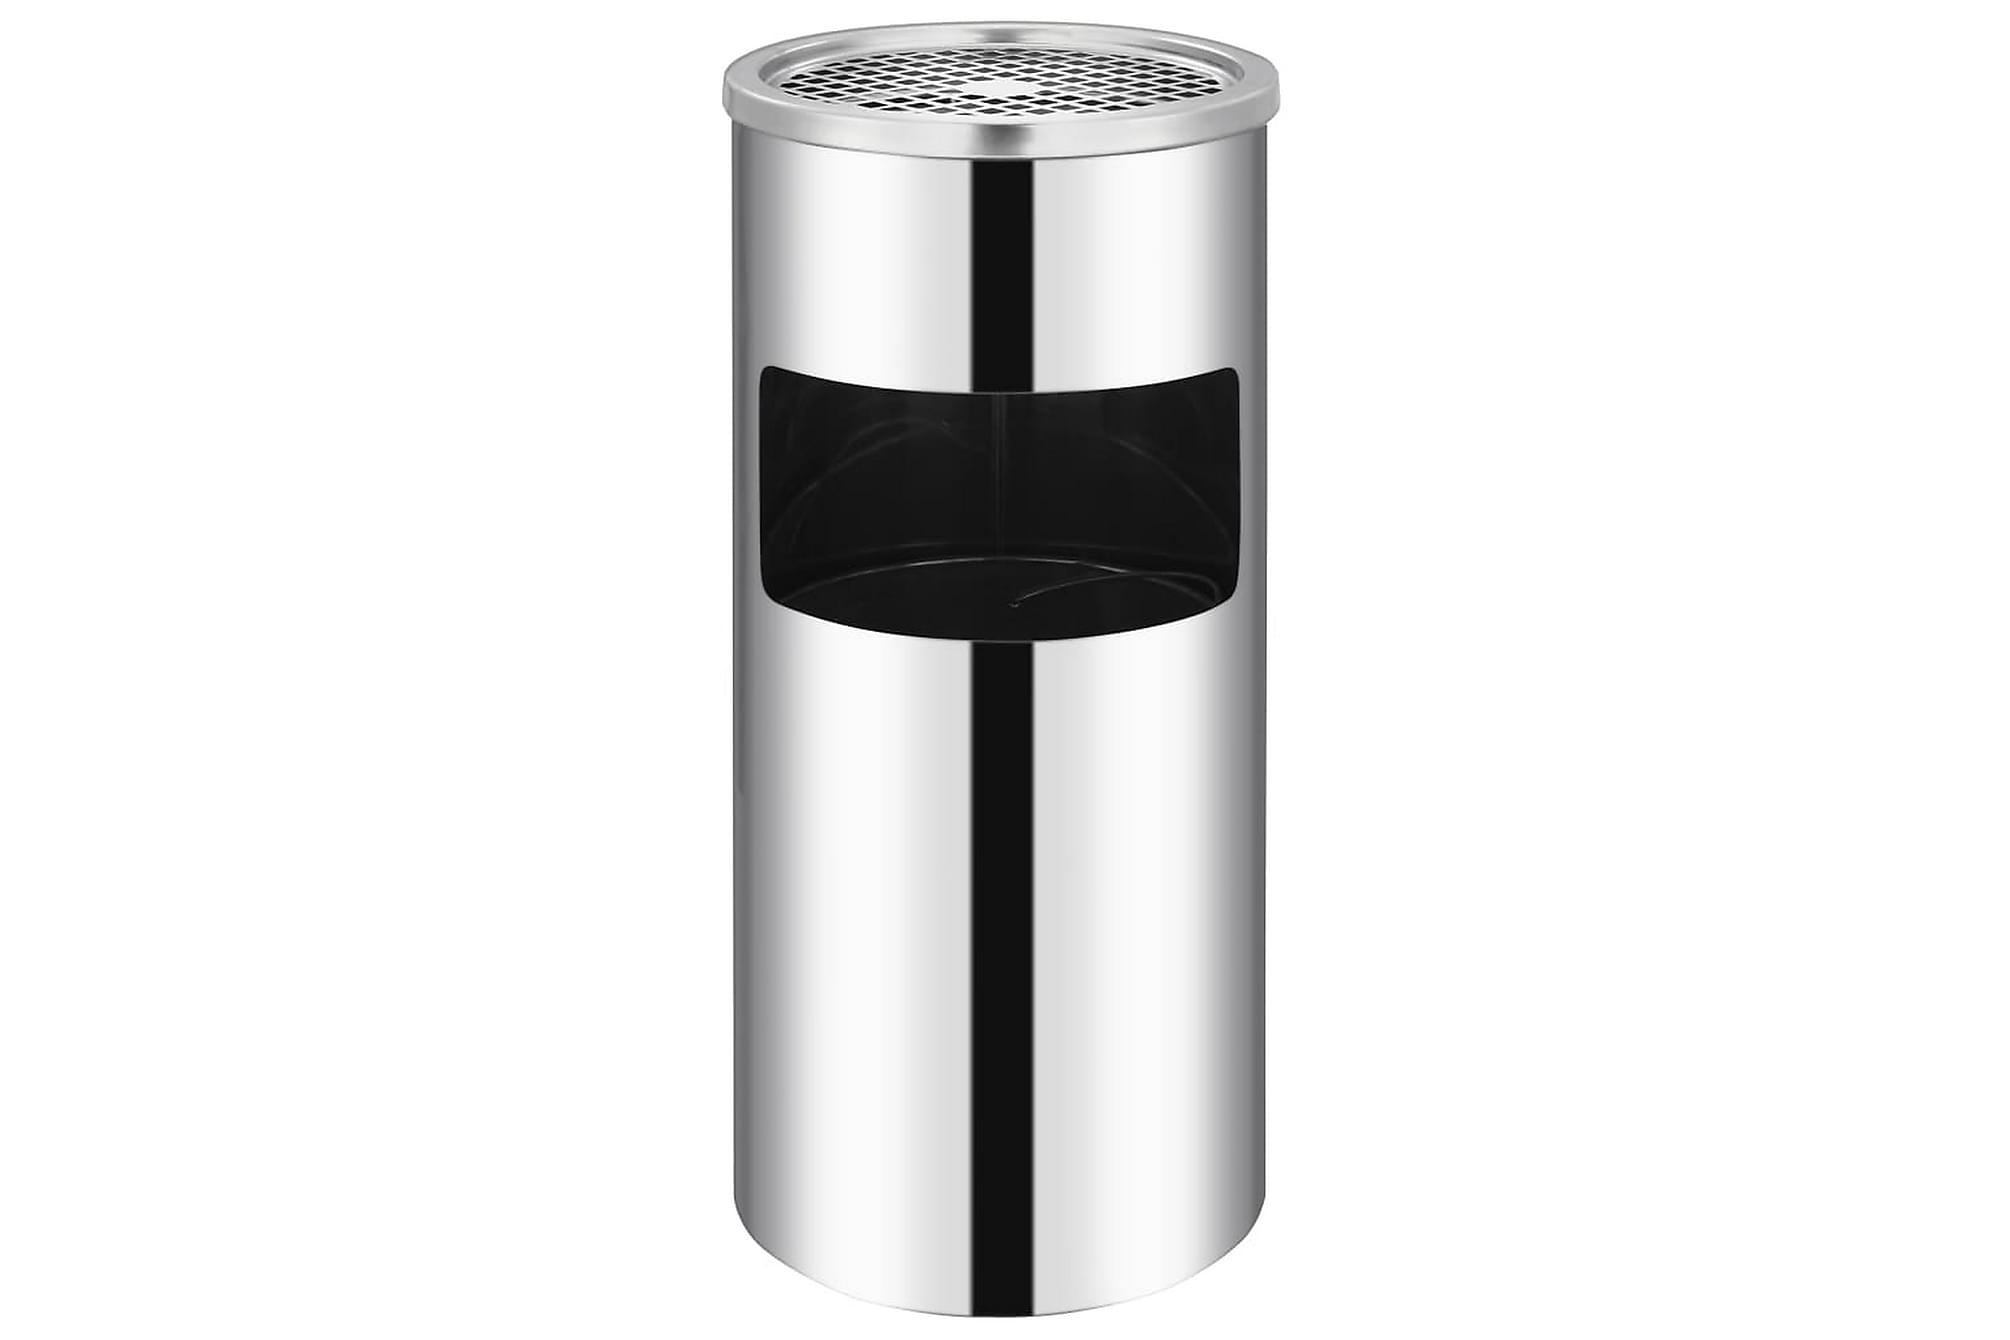 Askfat/soptunna för vägg rostfritt stål 36 L, Badrumstillbehör